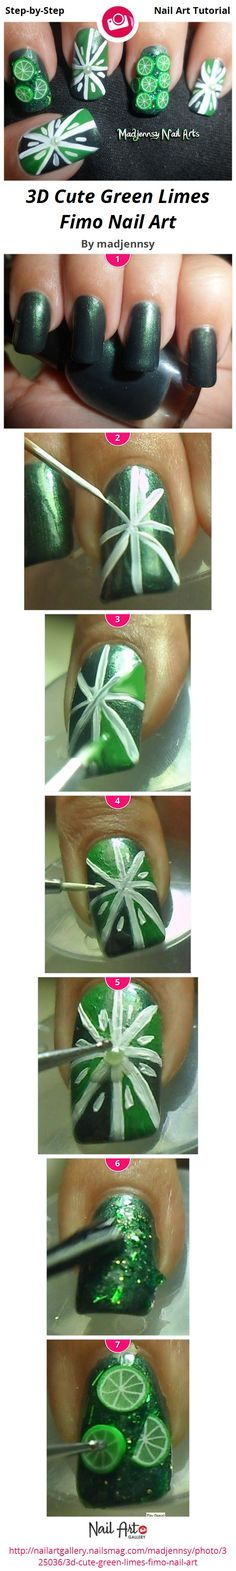 3D Cute Green Limes Fimo Nail Art by madjennsy - Nail Art Gallery Step-by-Step Tutorials nailartgallery.nailsmag.com by Nails Magazine www.nailsmag.com #nailart